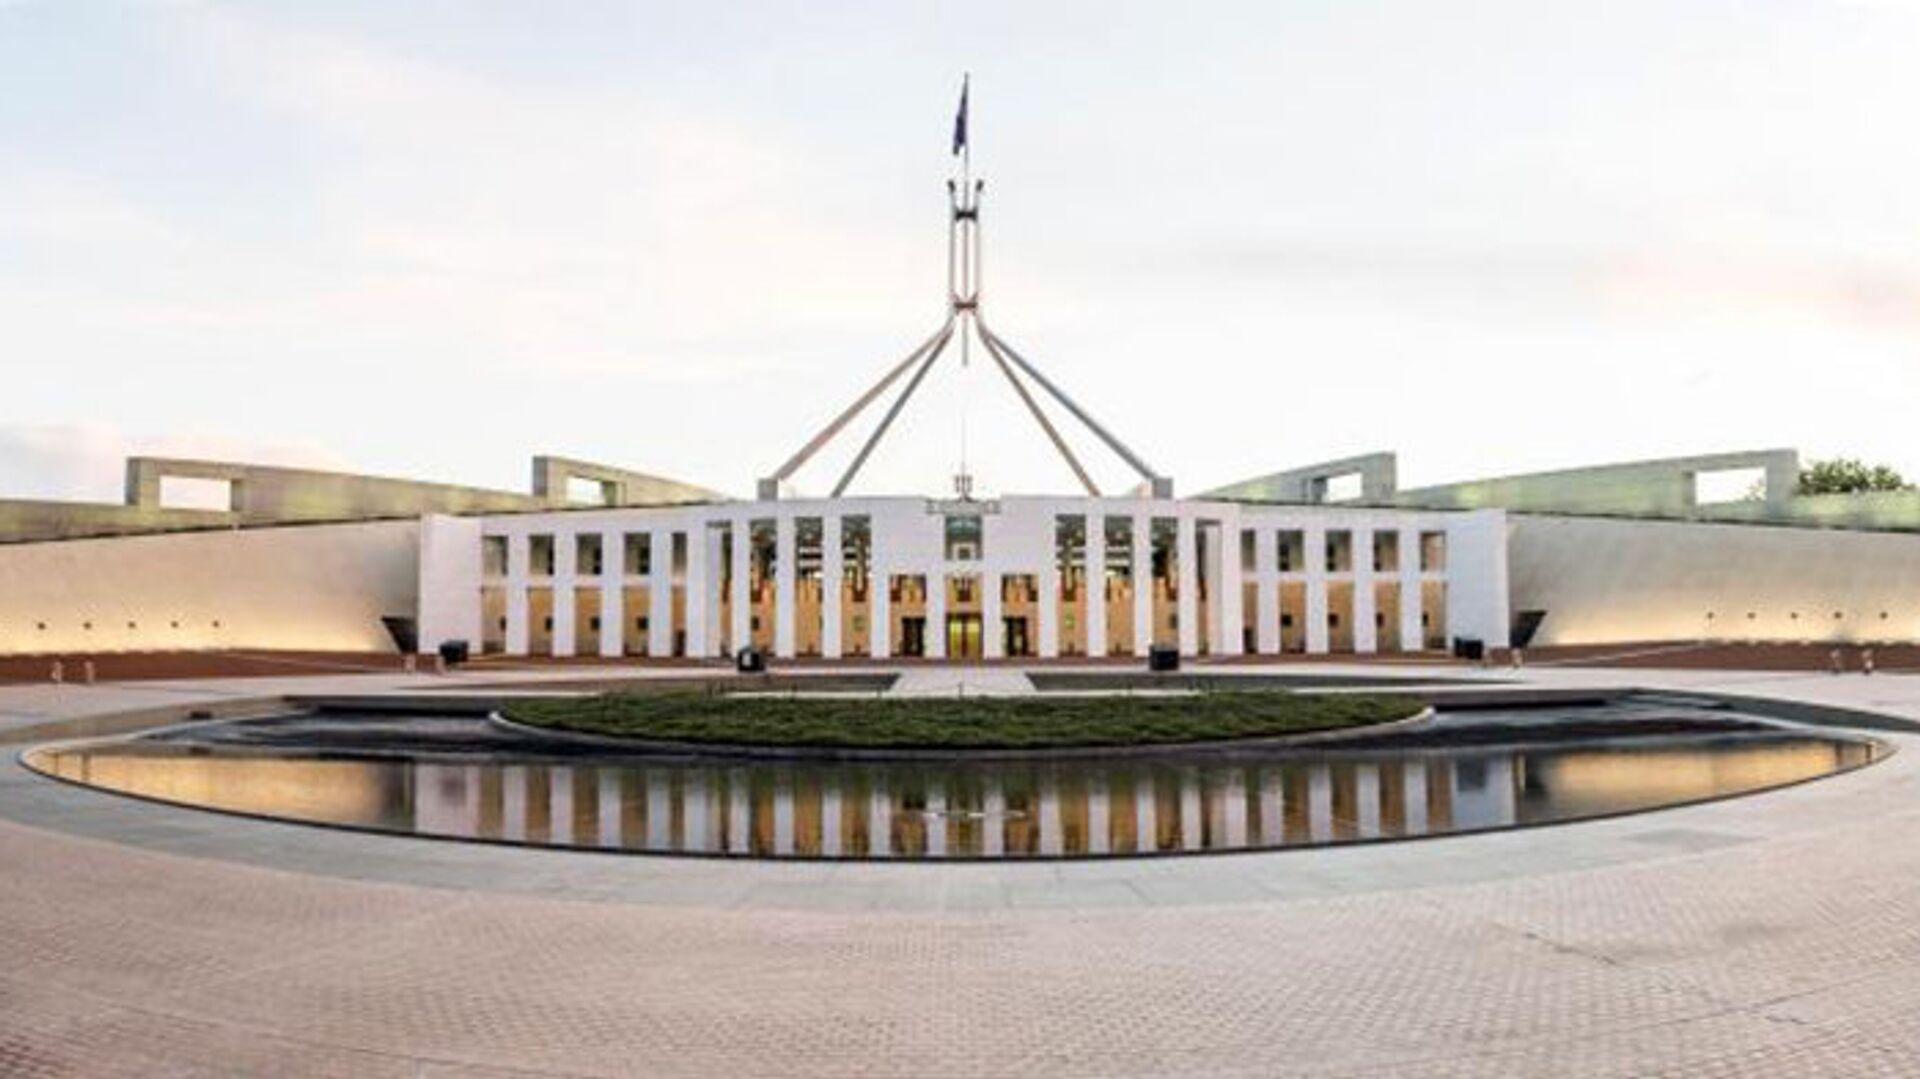 Здание Парламента Австралии - РИА Новости, 1920, 16.02.2021